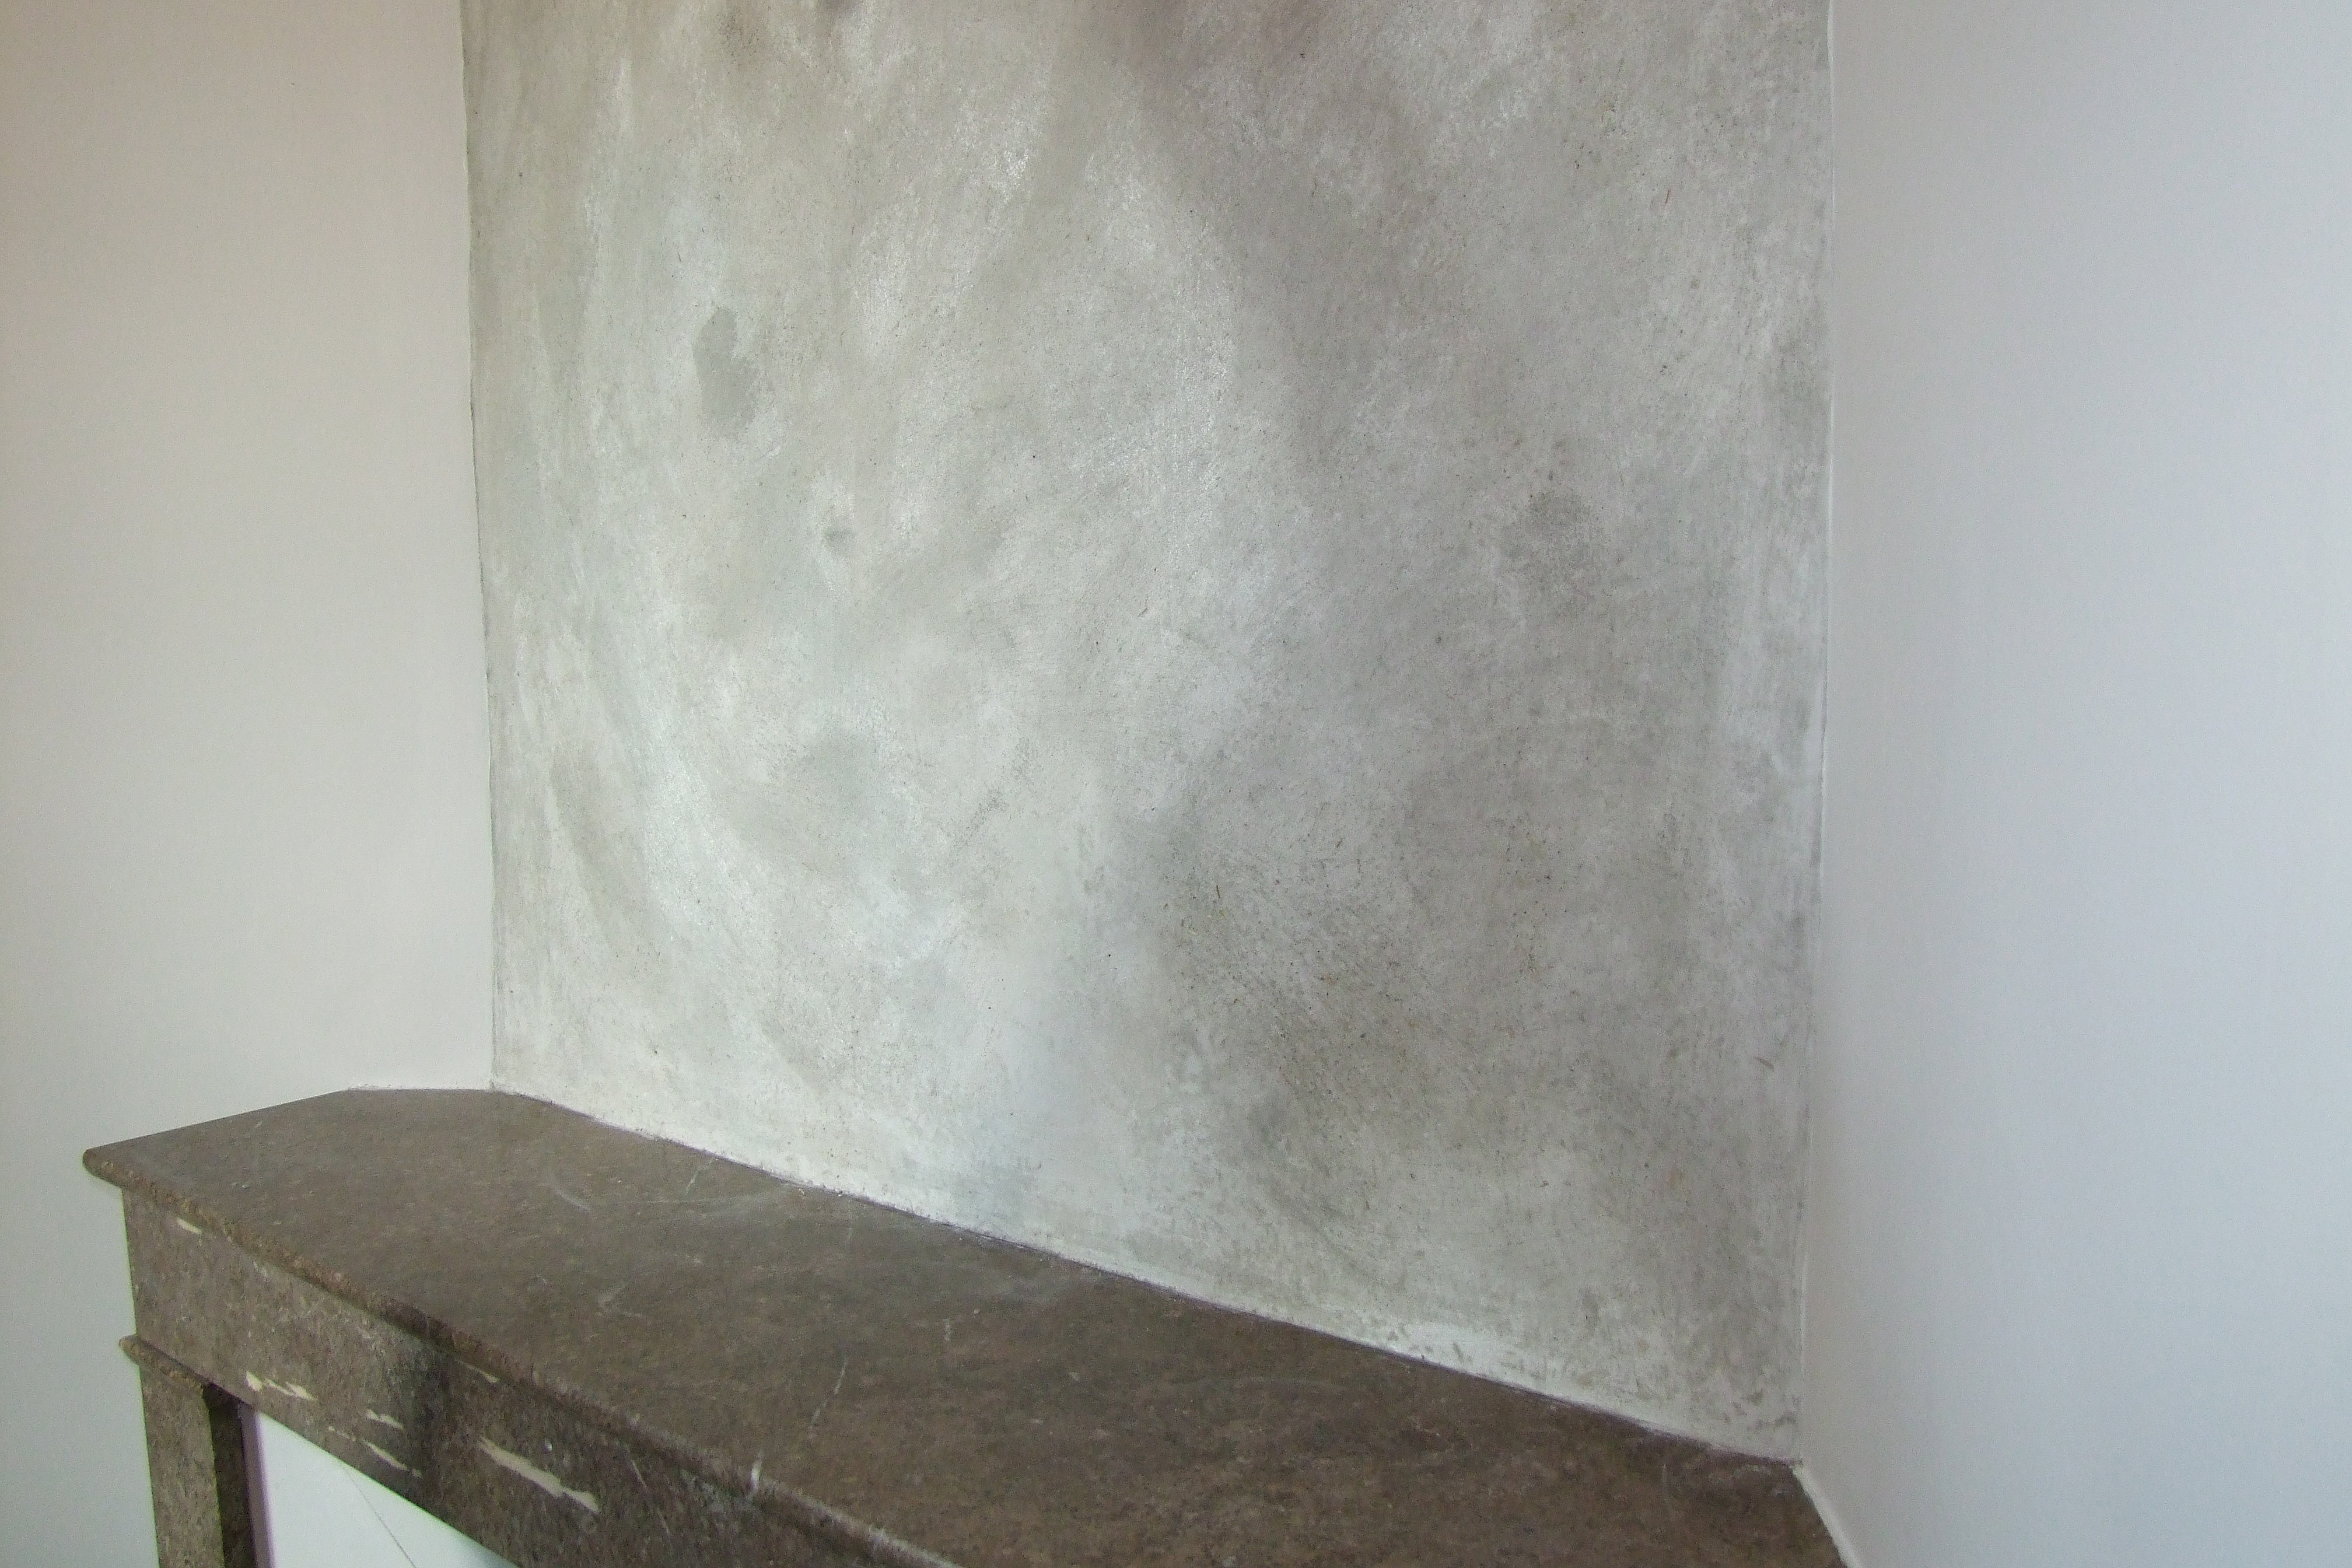 La peintre bio vanessa burgui re enduit la chaux nuances de gris for Peinture enduit interieur